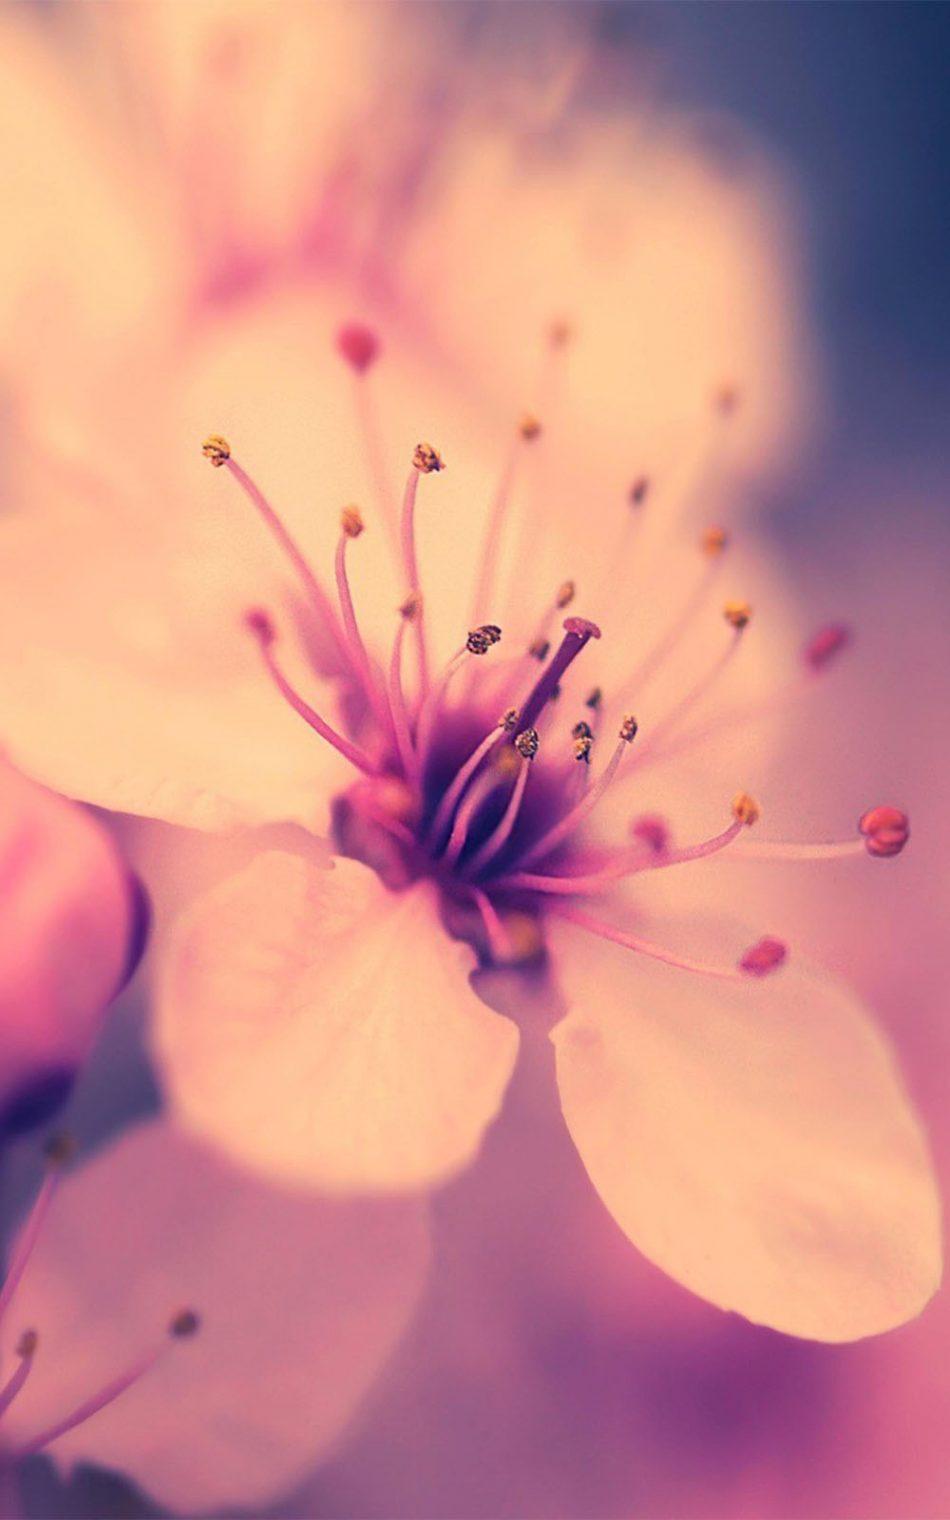 Cherry Blossom 4k Ultra Hd Mobile Wallpaper